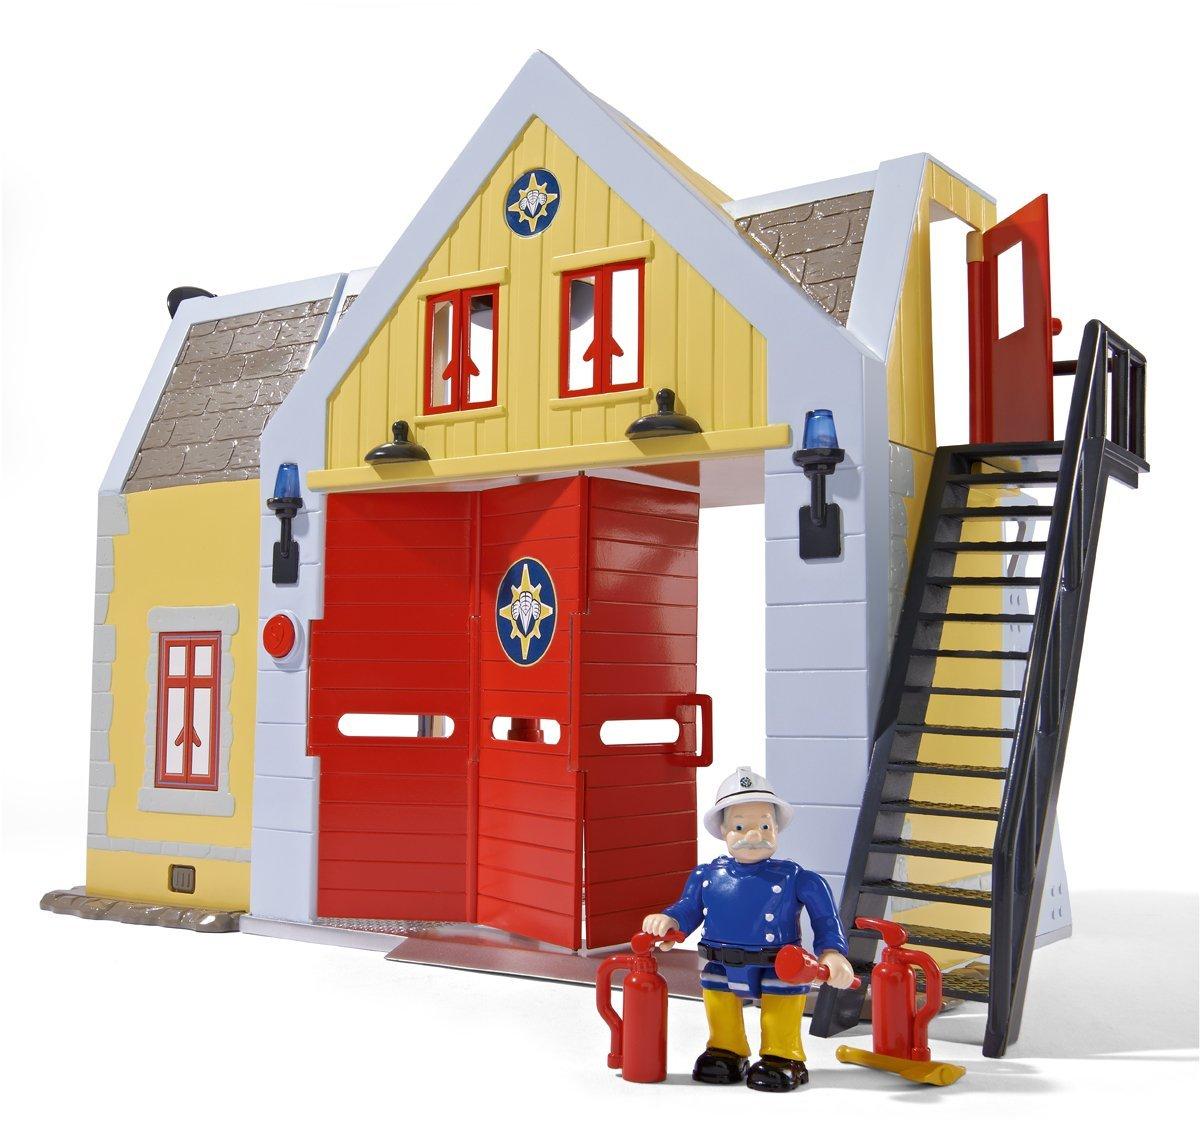 Sam Le Pompier - Fireman Sam - Deluxe La Caserne des Pompiers, son caractère & Steele B00JMVFKF8